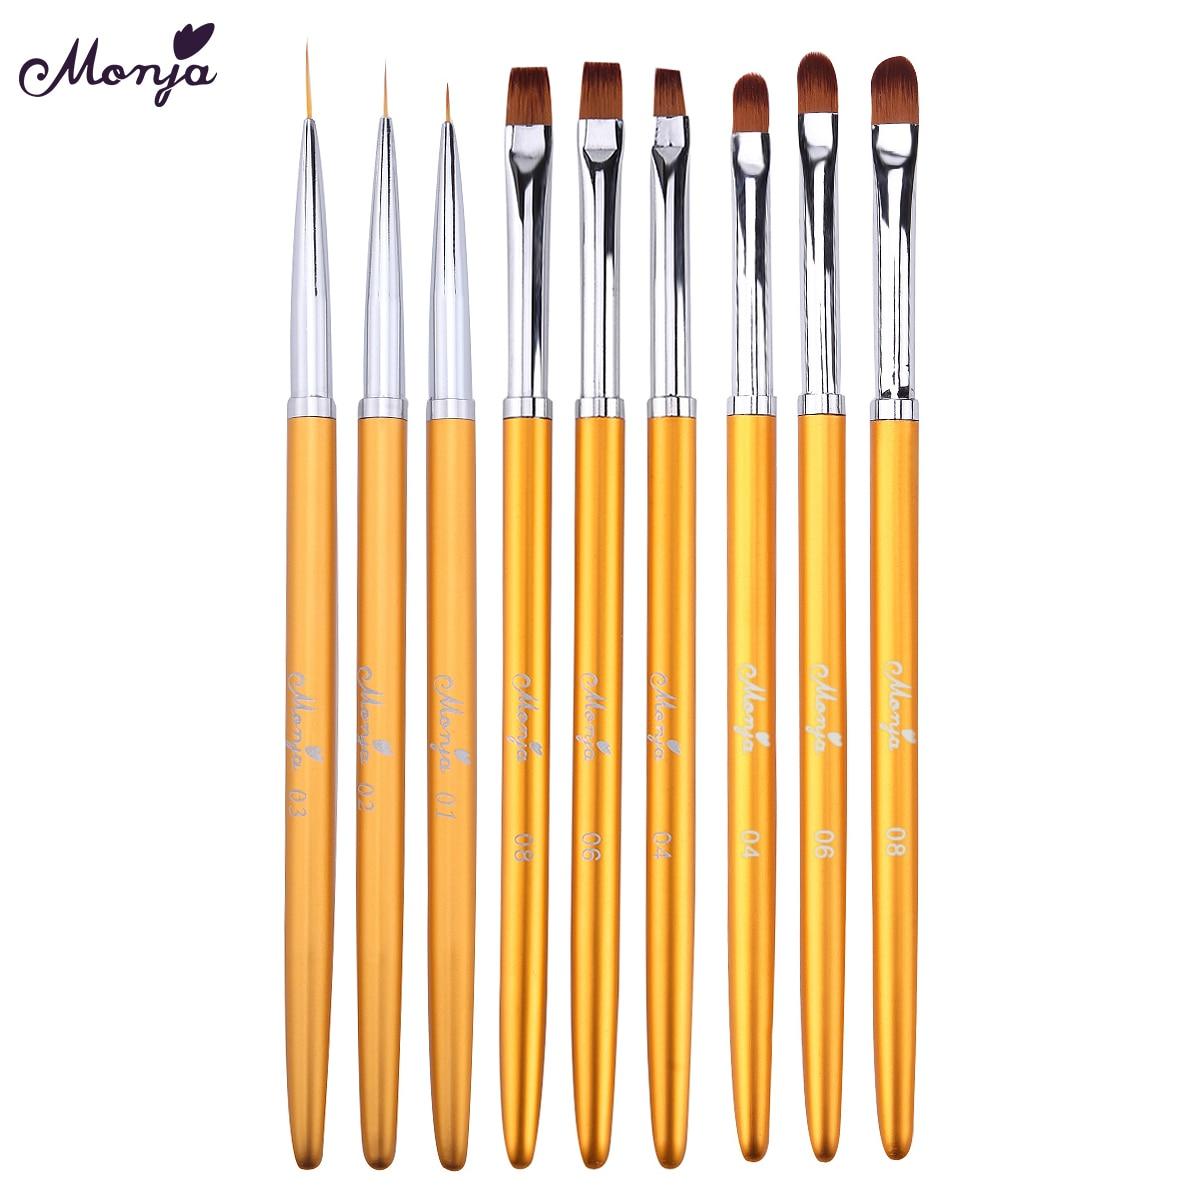 Monja 3 шт./компл. золотые наклейки для ногтей, ручка для наращивания УФ-геля, кисть для рисования, полоски в виде цветов, ручка для рисования, Ма...